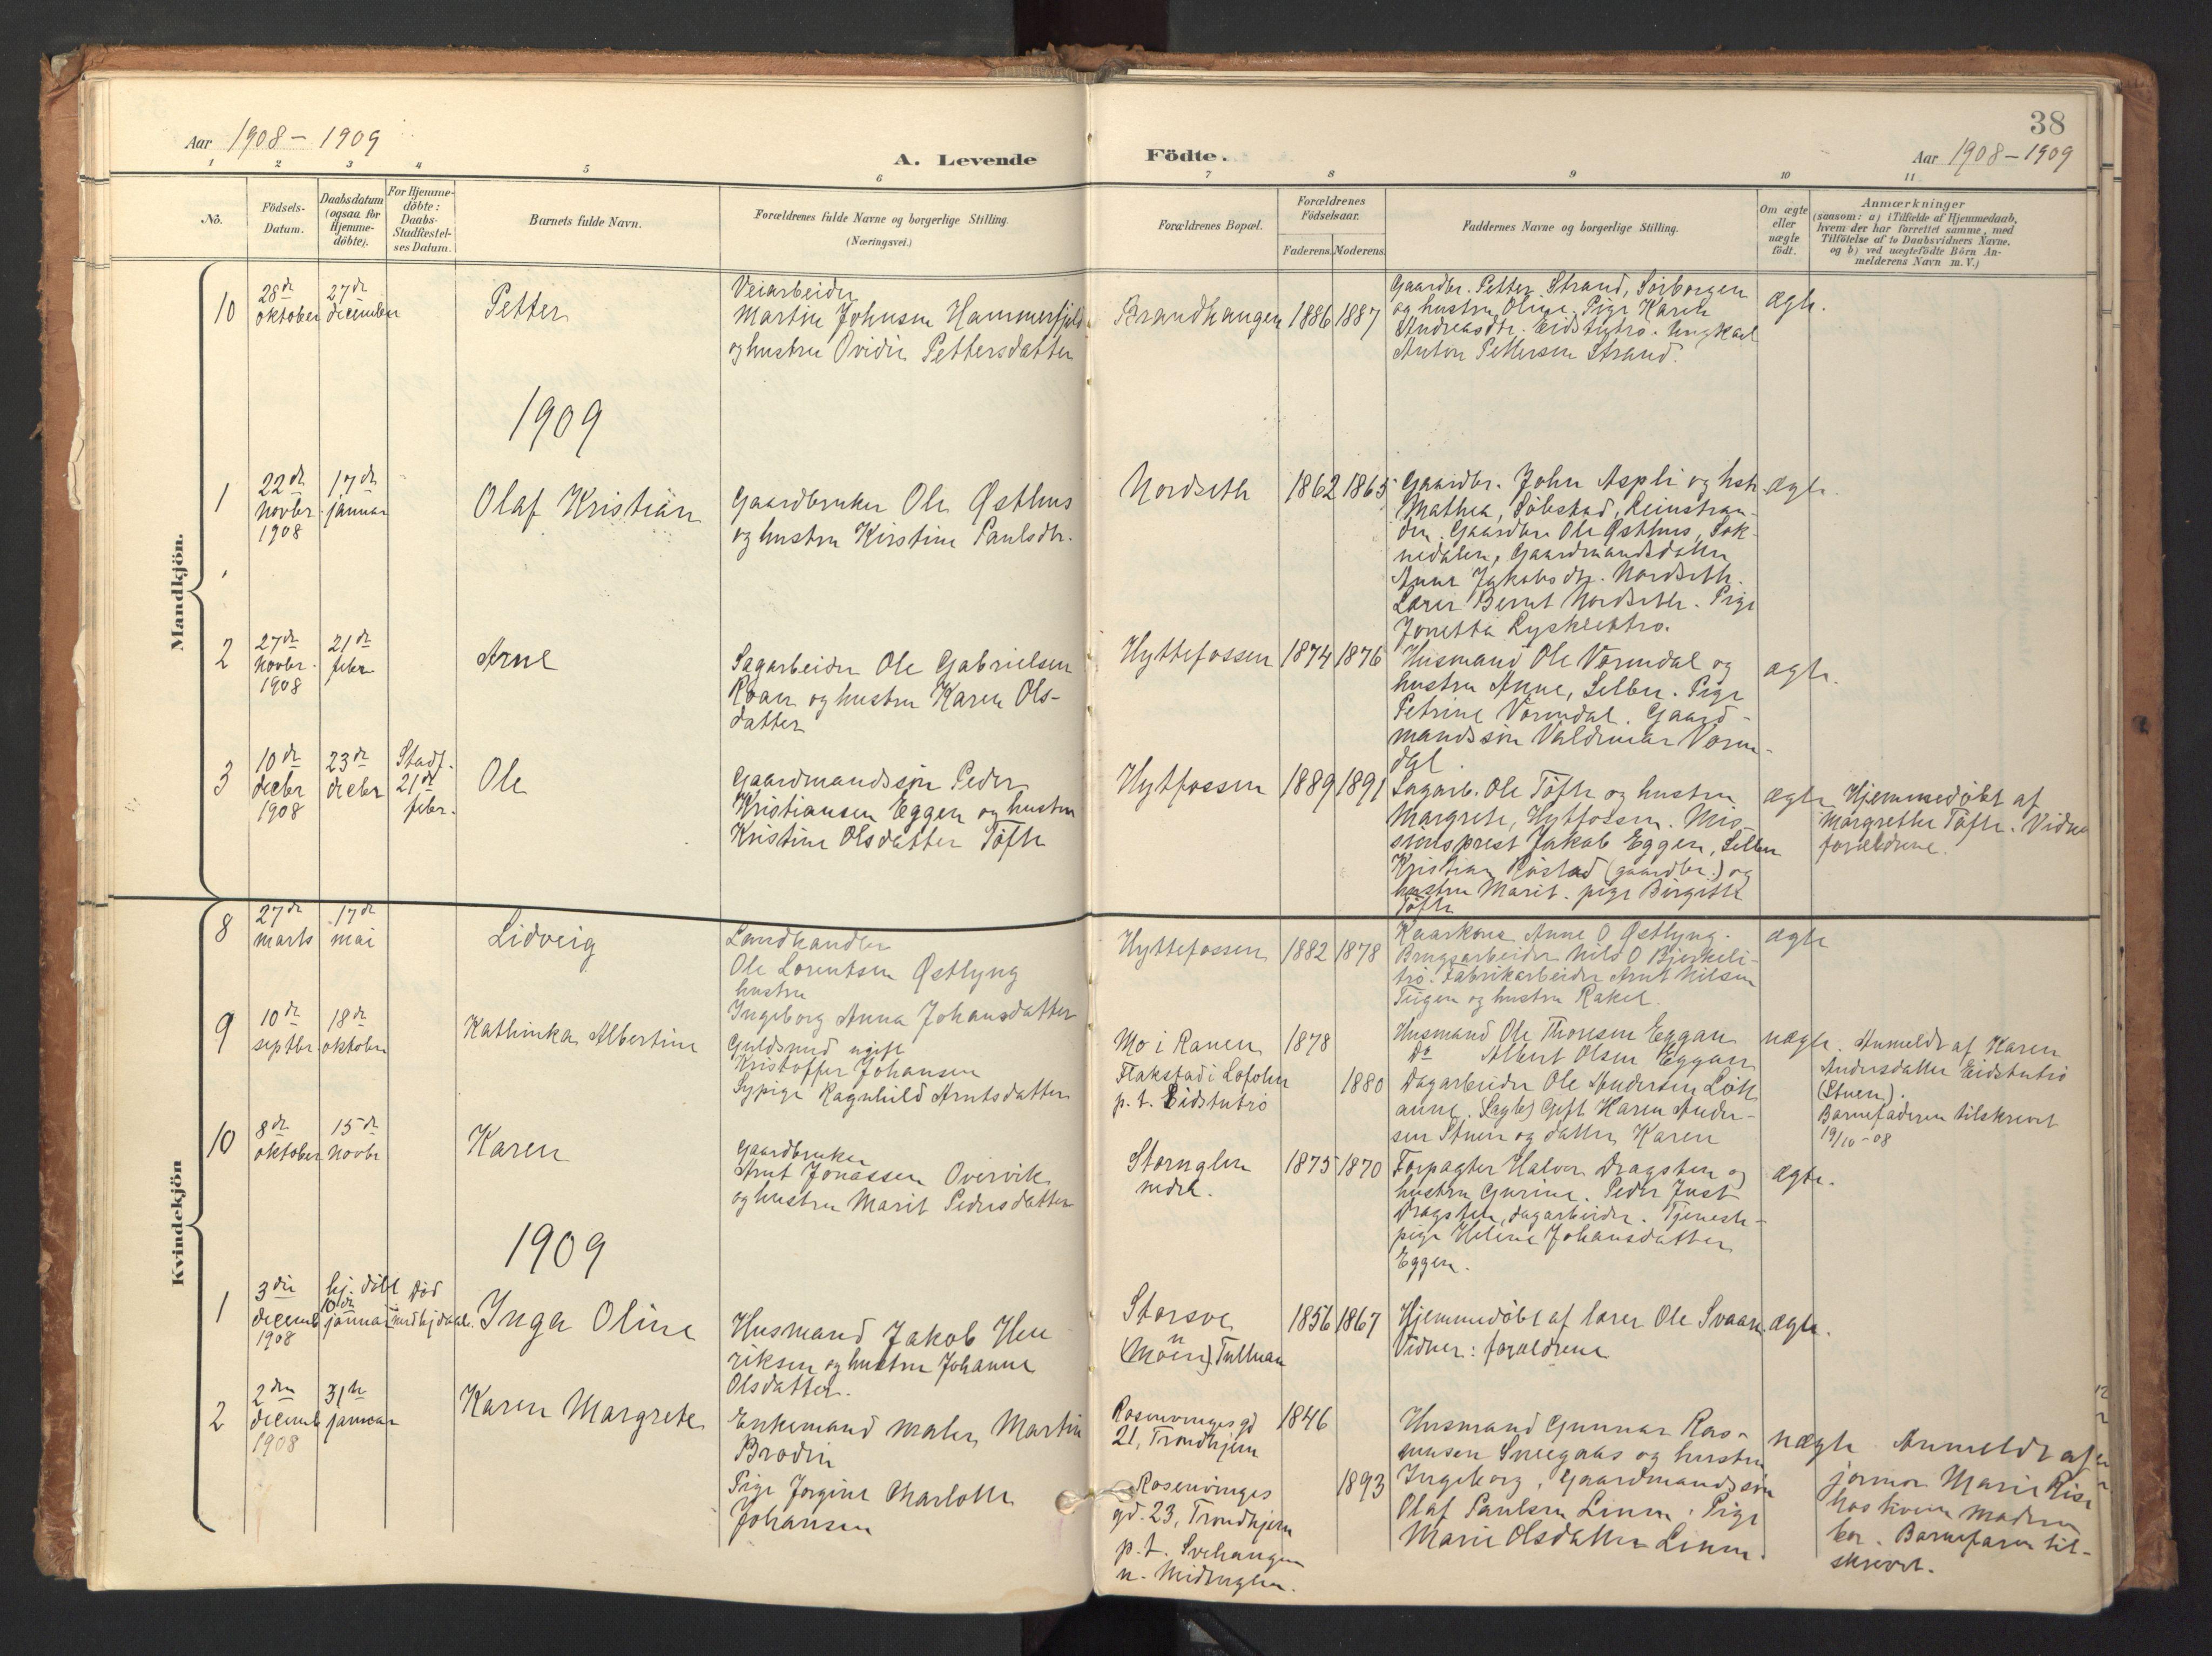 SAT, Ministerialprotokoller, klokkerbøker og fødselsregistre - Sør-Trøndelag, 618/L0448: Ministerialbok nr. 618A11, 1898-1916, s. 38